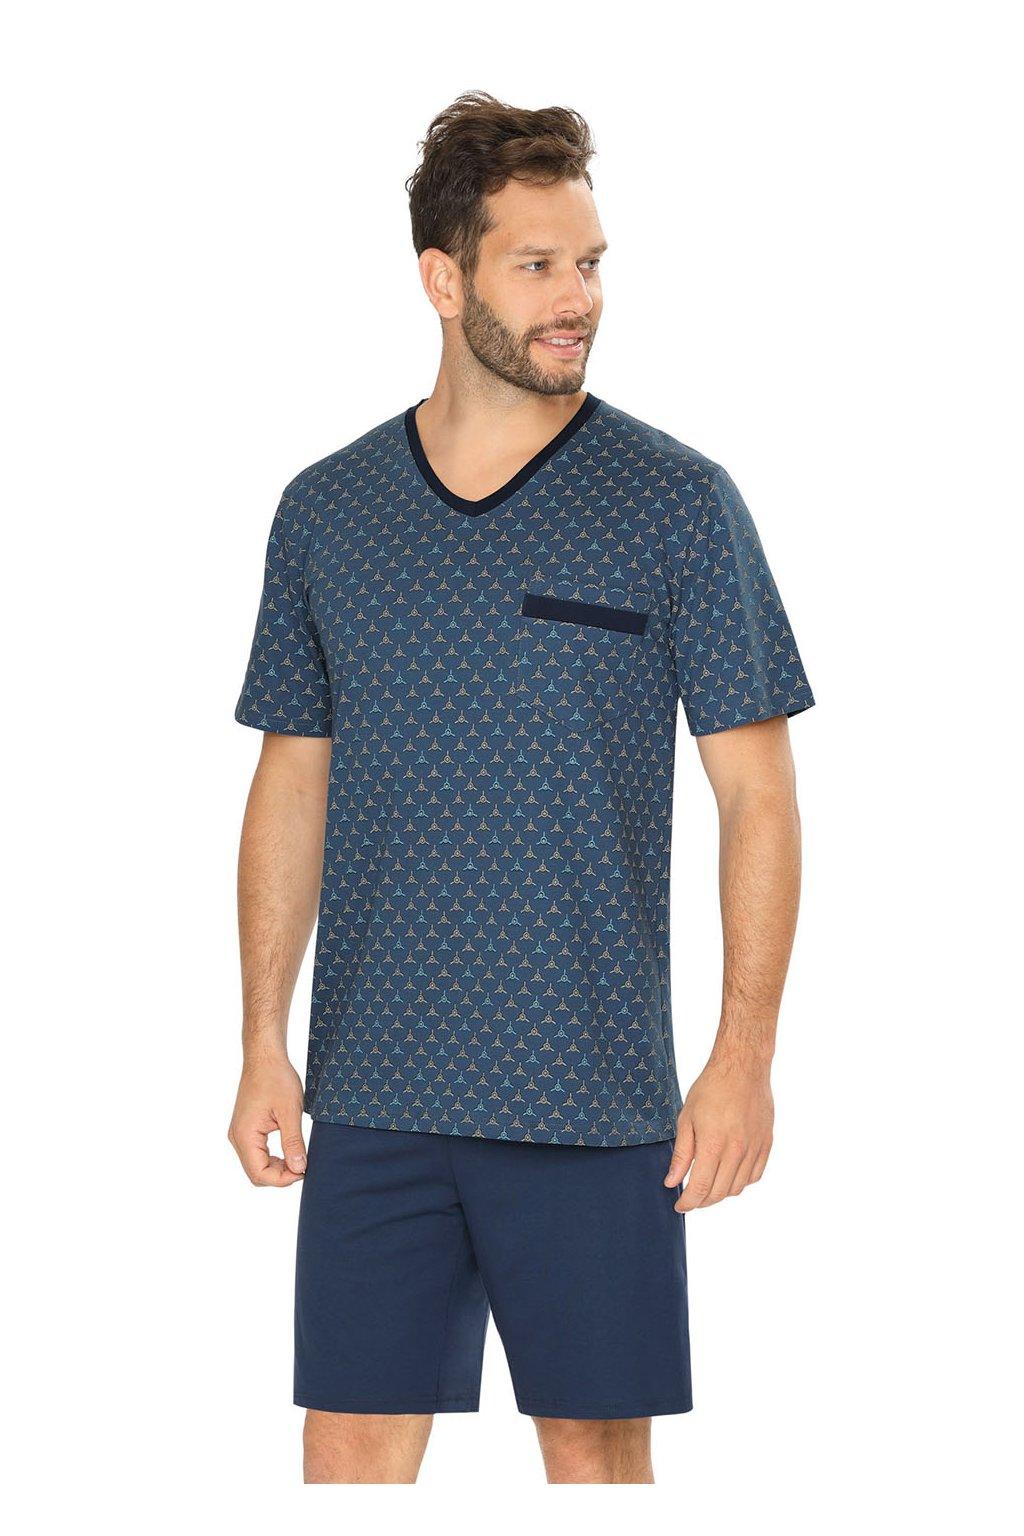 Pánské pyžamo s krátkým rukávem, 204132 265, modrá